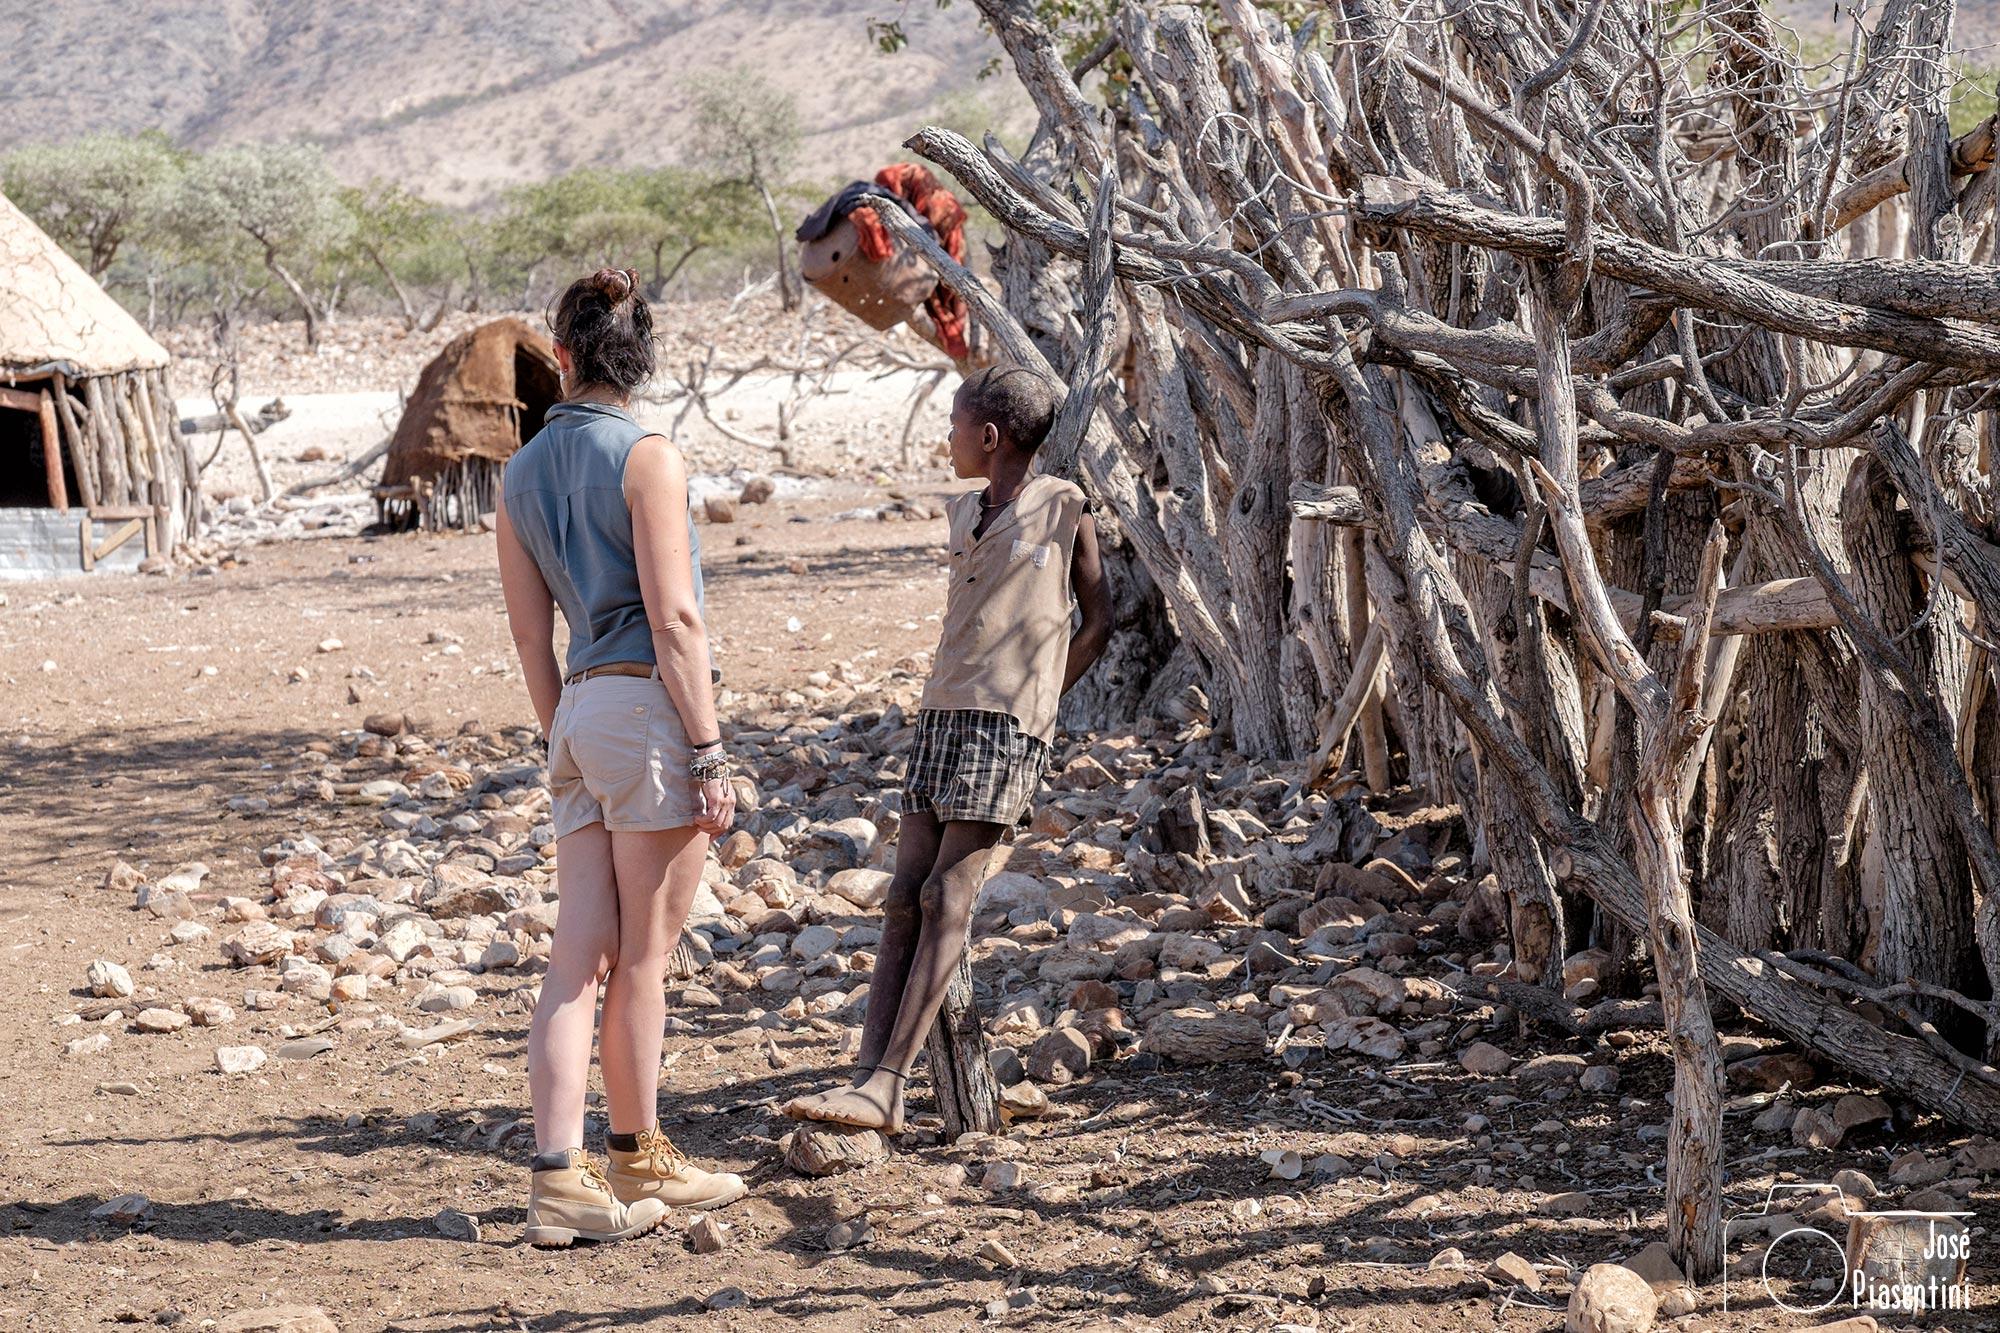 Namibia FamilyTravel - dandovueltasfotos- Piasentini Jose